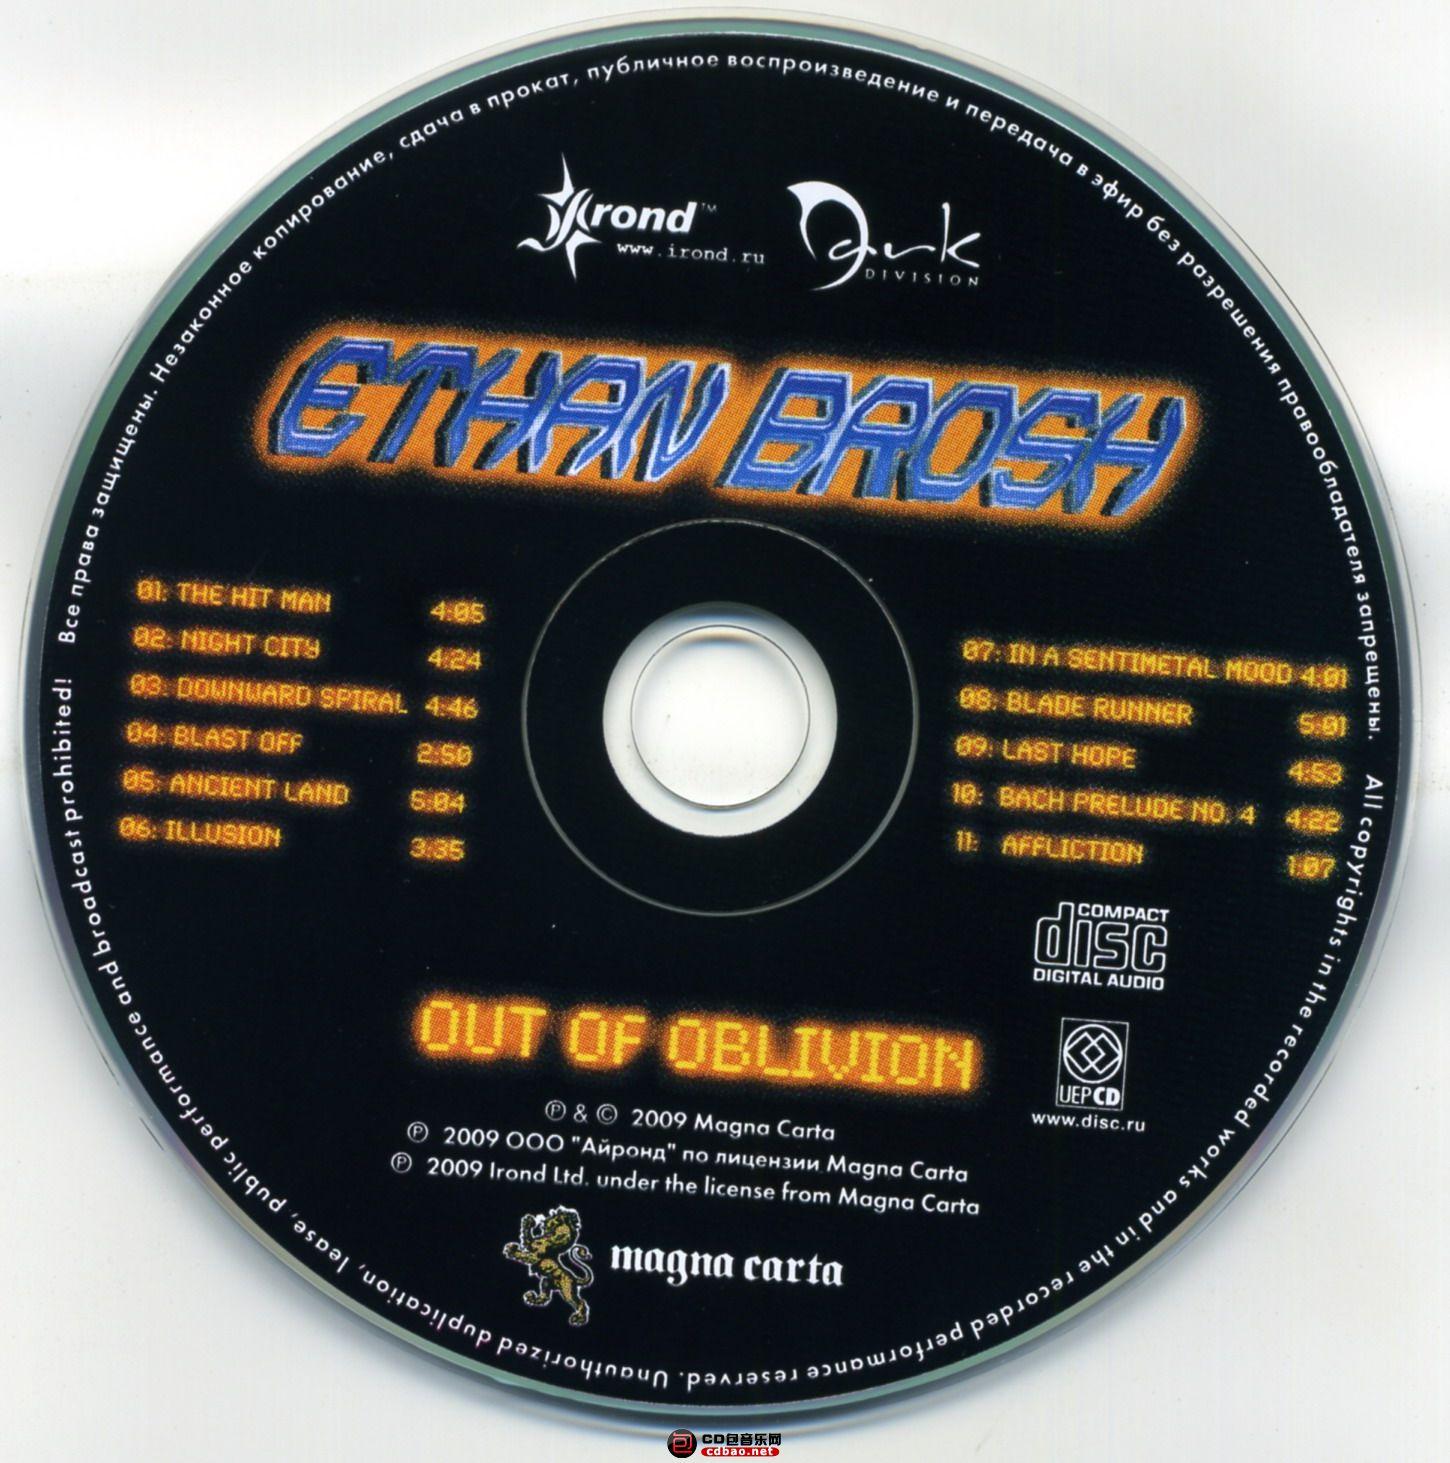 Ethan Brosh - Out Of Oblivion 006.jpg